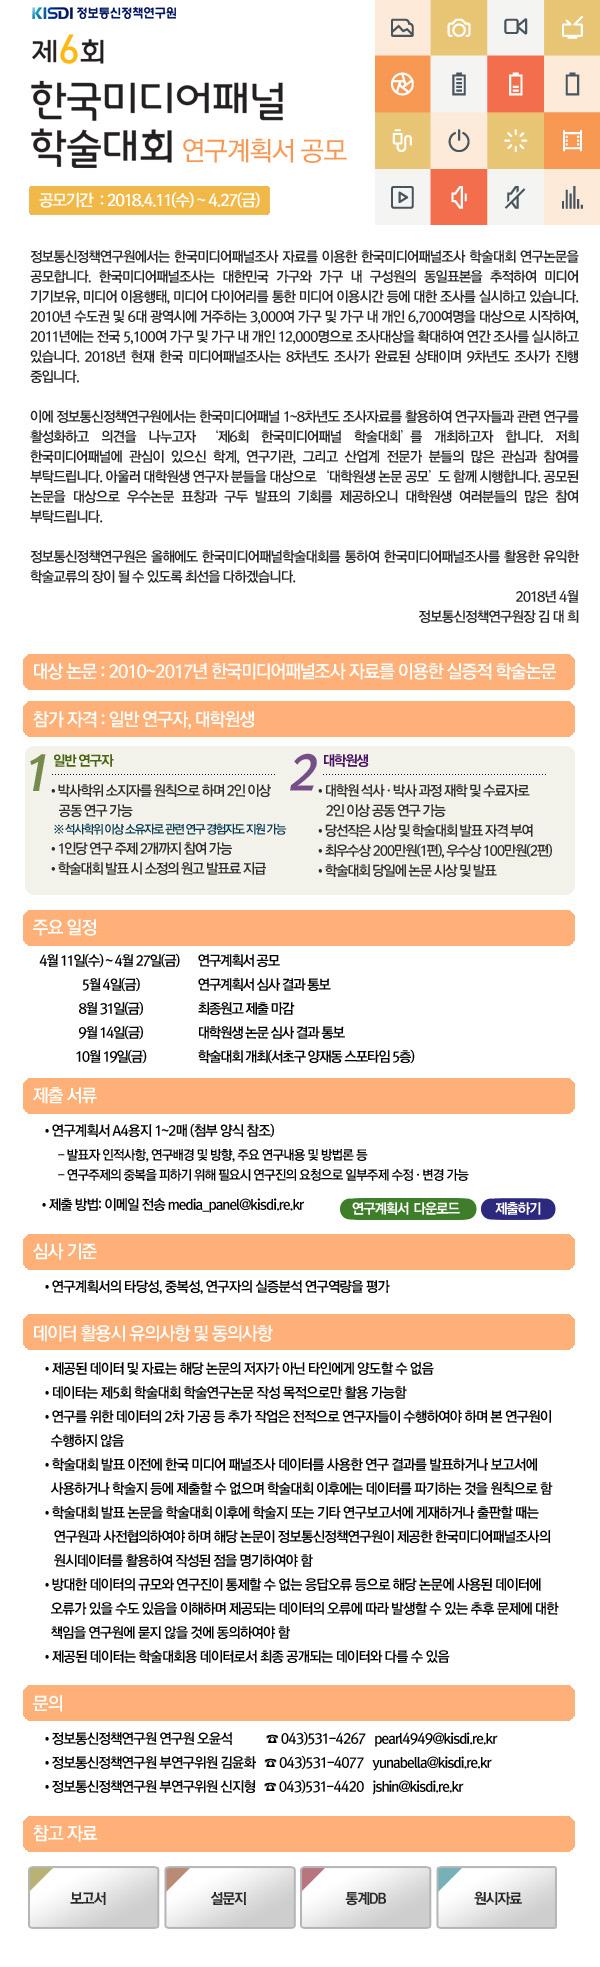 2018 한국미디어패널 학술대회 연구계획서 공모